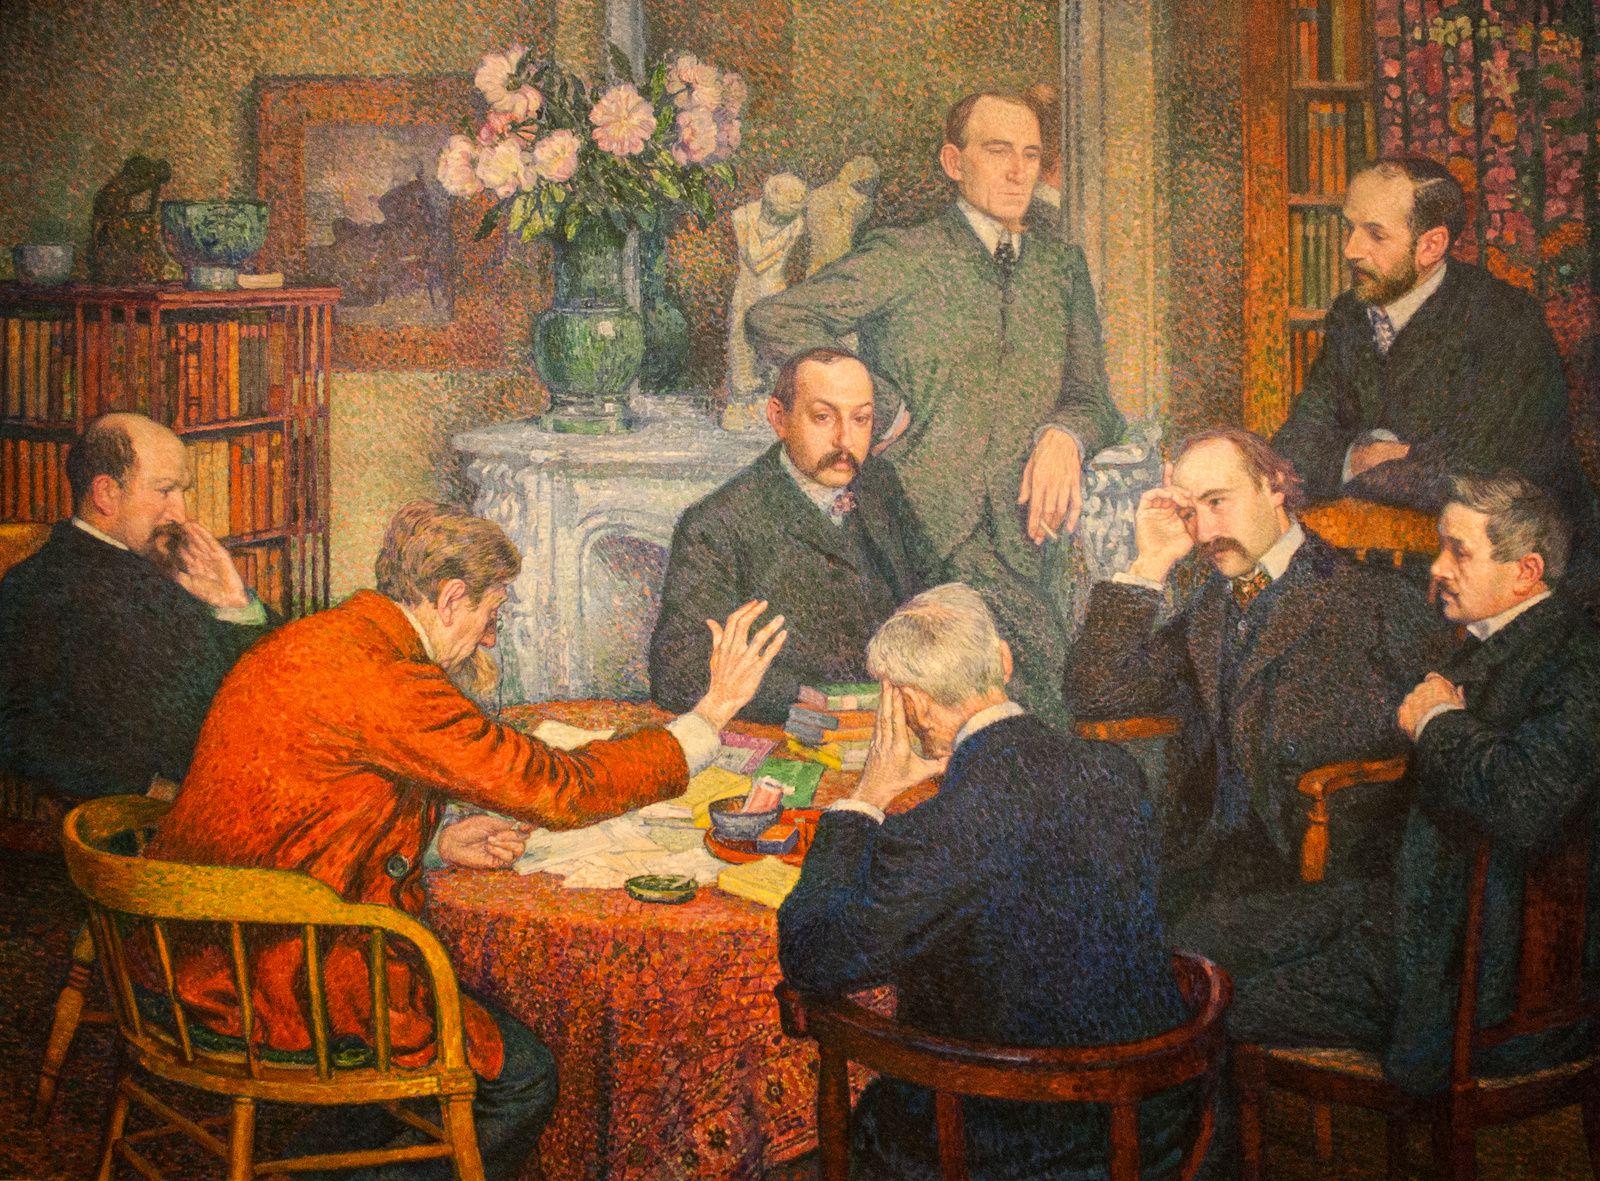 Théo van Rysselberghe, Une lecture, 1903, huile sur toile, musée de Gent.